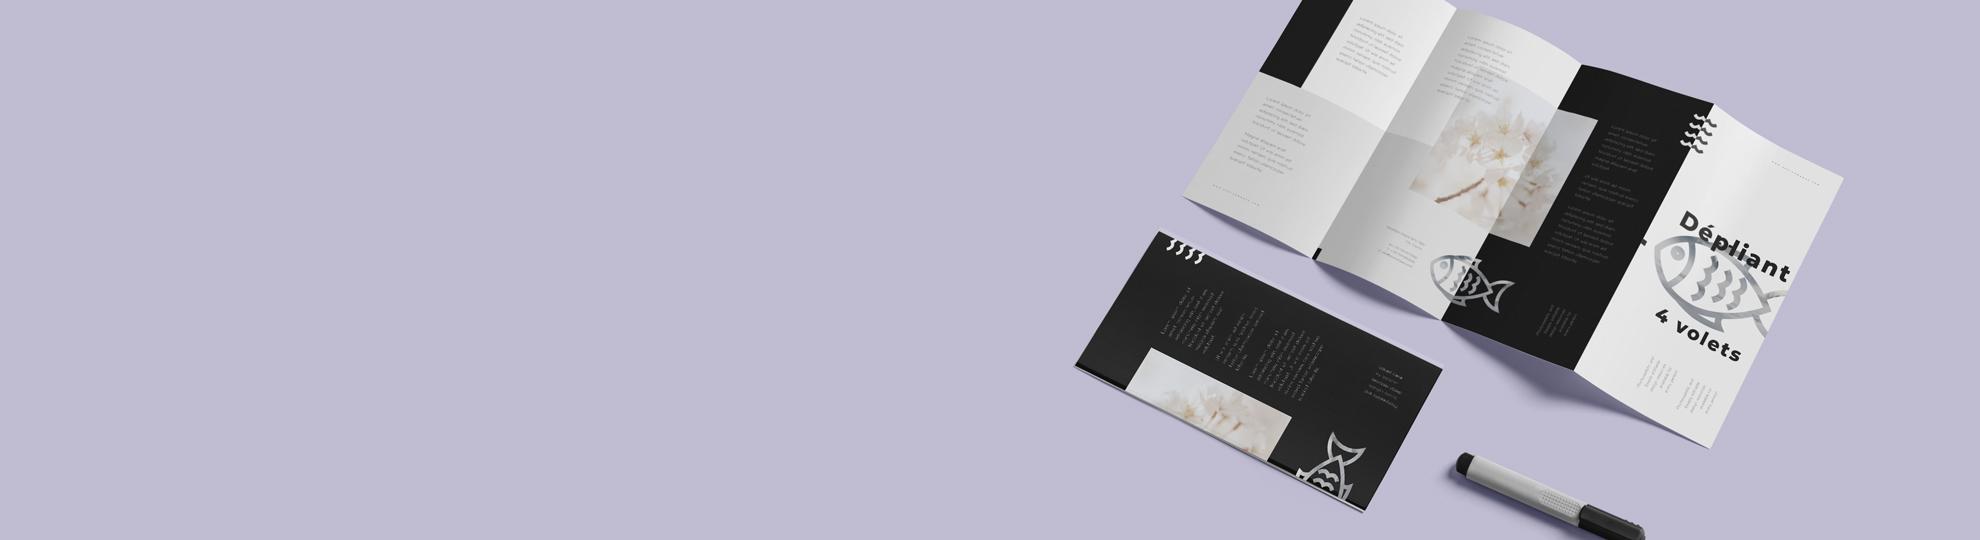 Imprimer dépliant pli accordéon 4 volets personnalisé